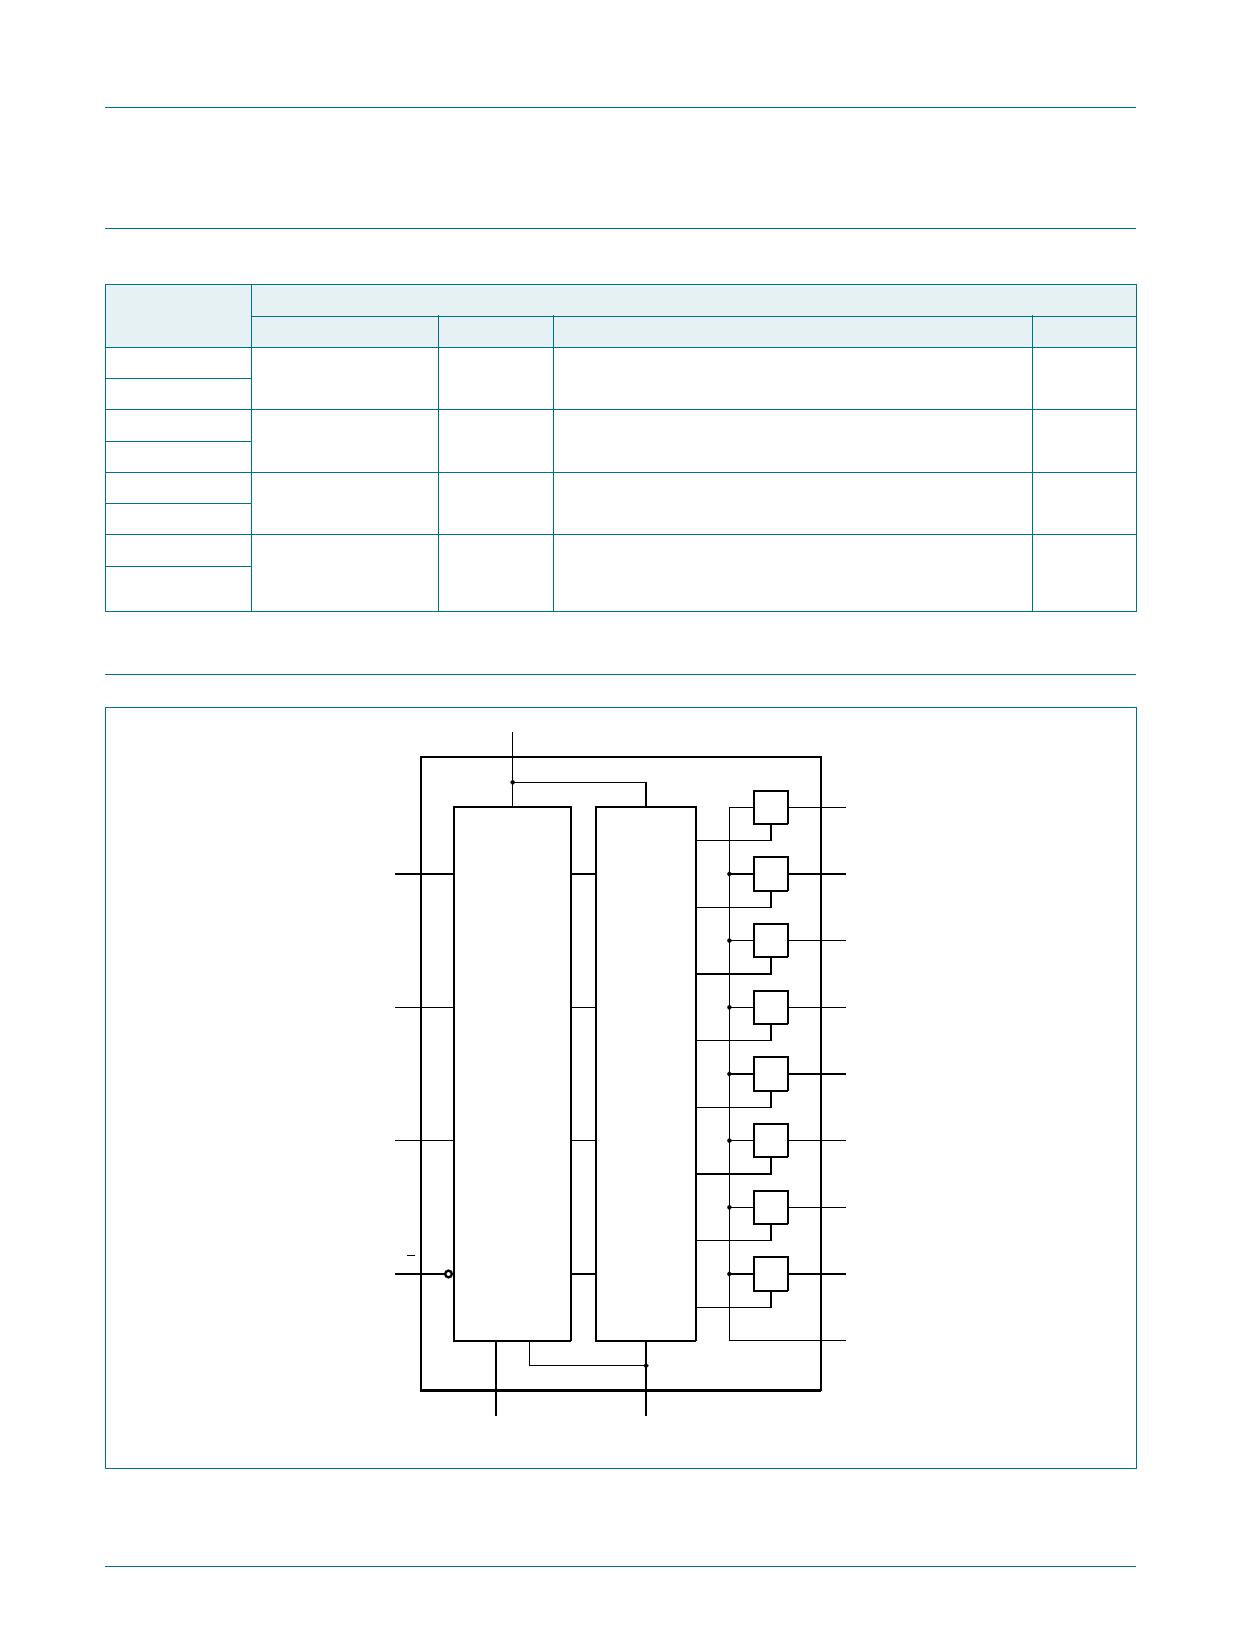 logic diagram of 8 to 1 line multiplexer kenwood kdc 138 wiring 2 74hc4051 datasheet pdf pinout channel analog